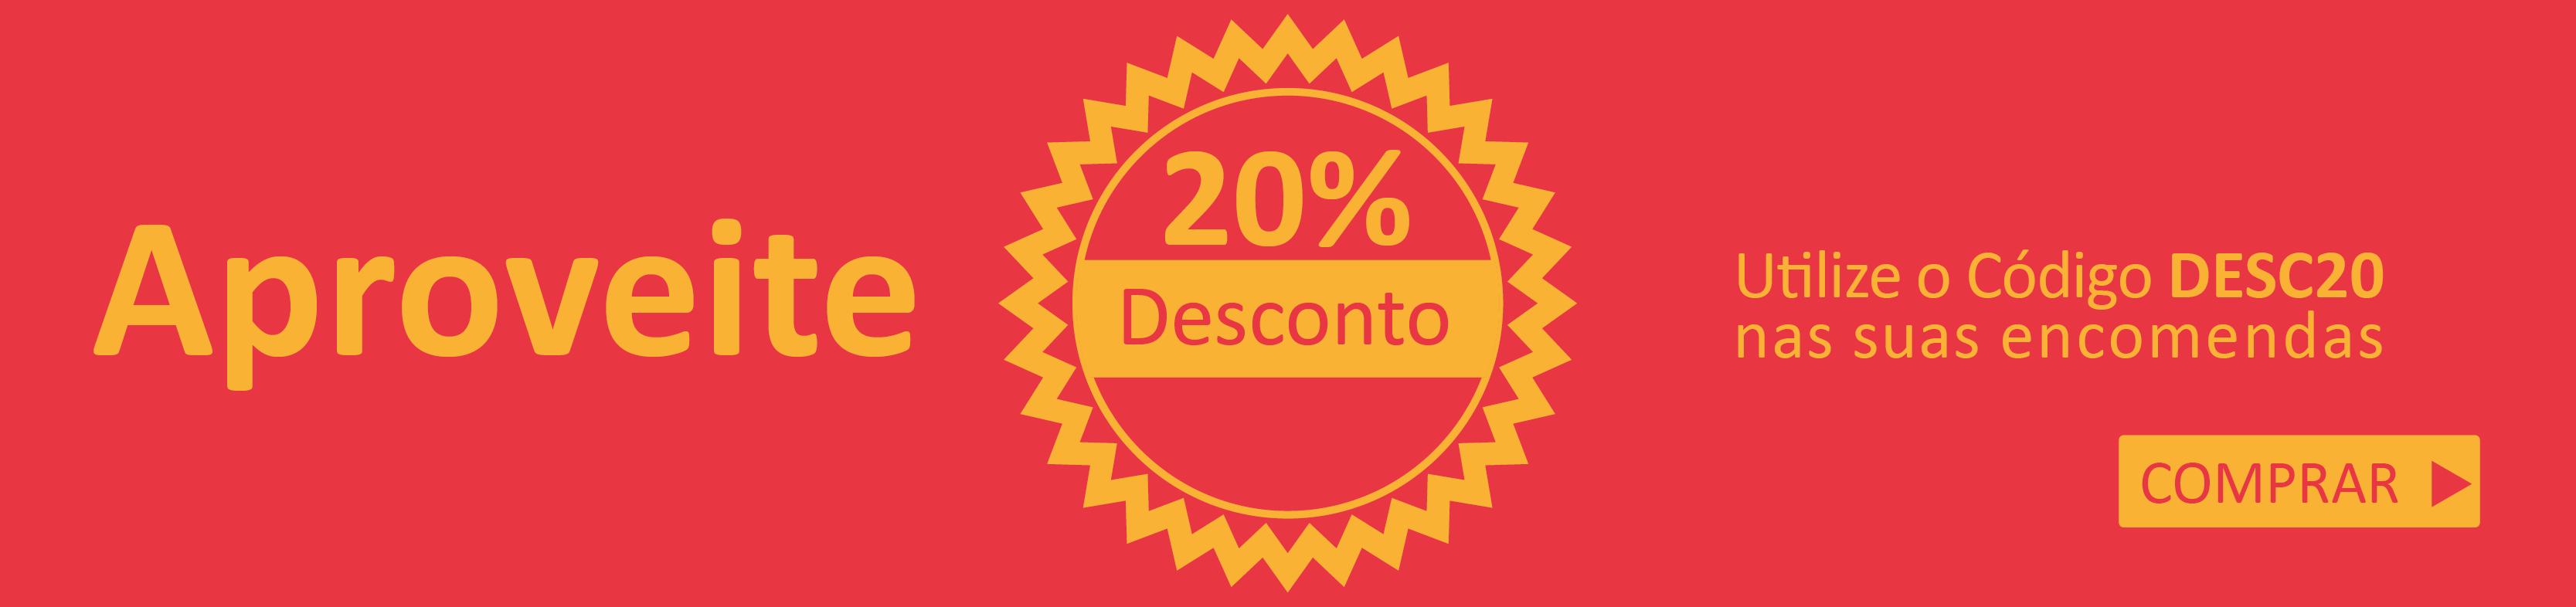 Tenha 20% desconto com o código DESC20